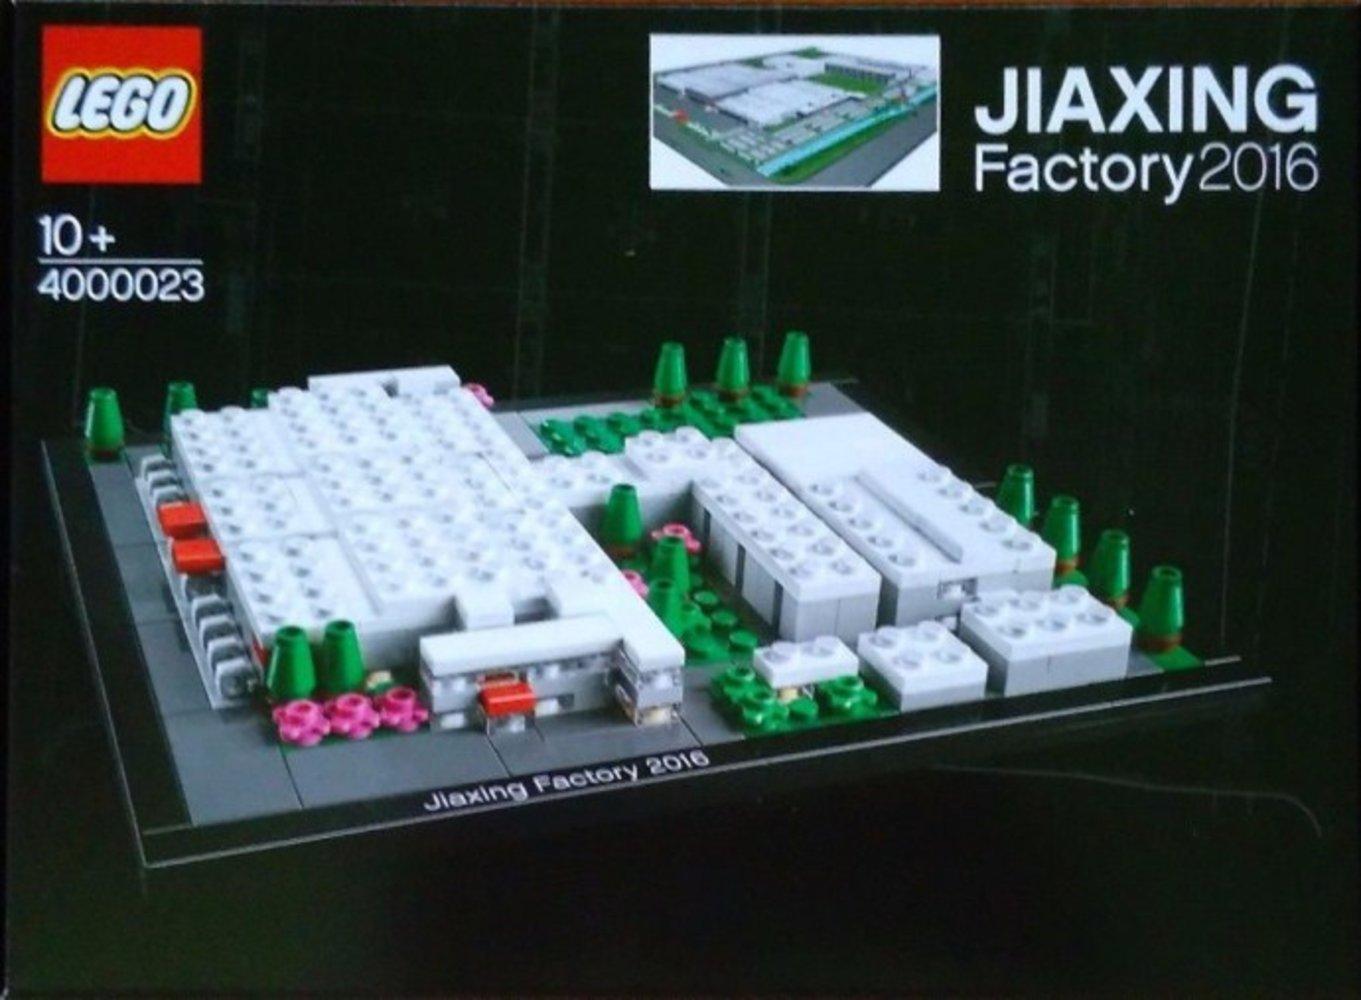 Jiaxing Factory